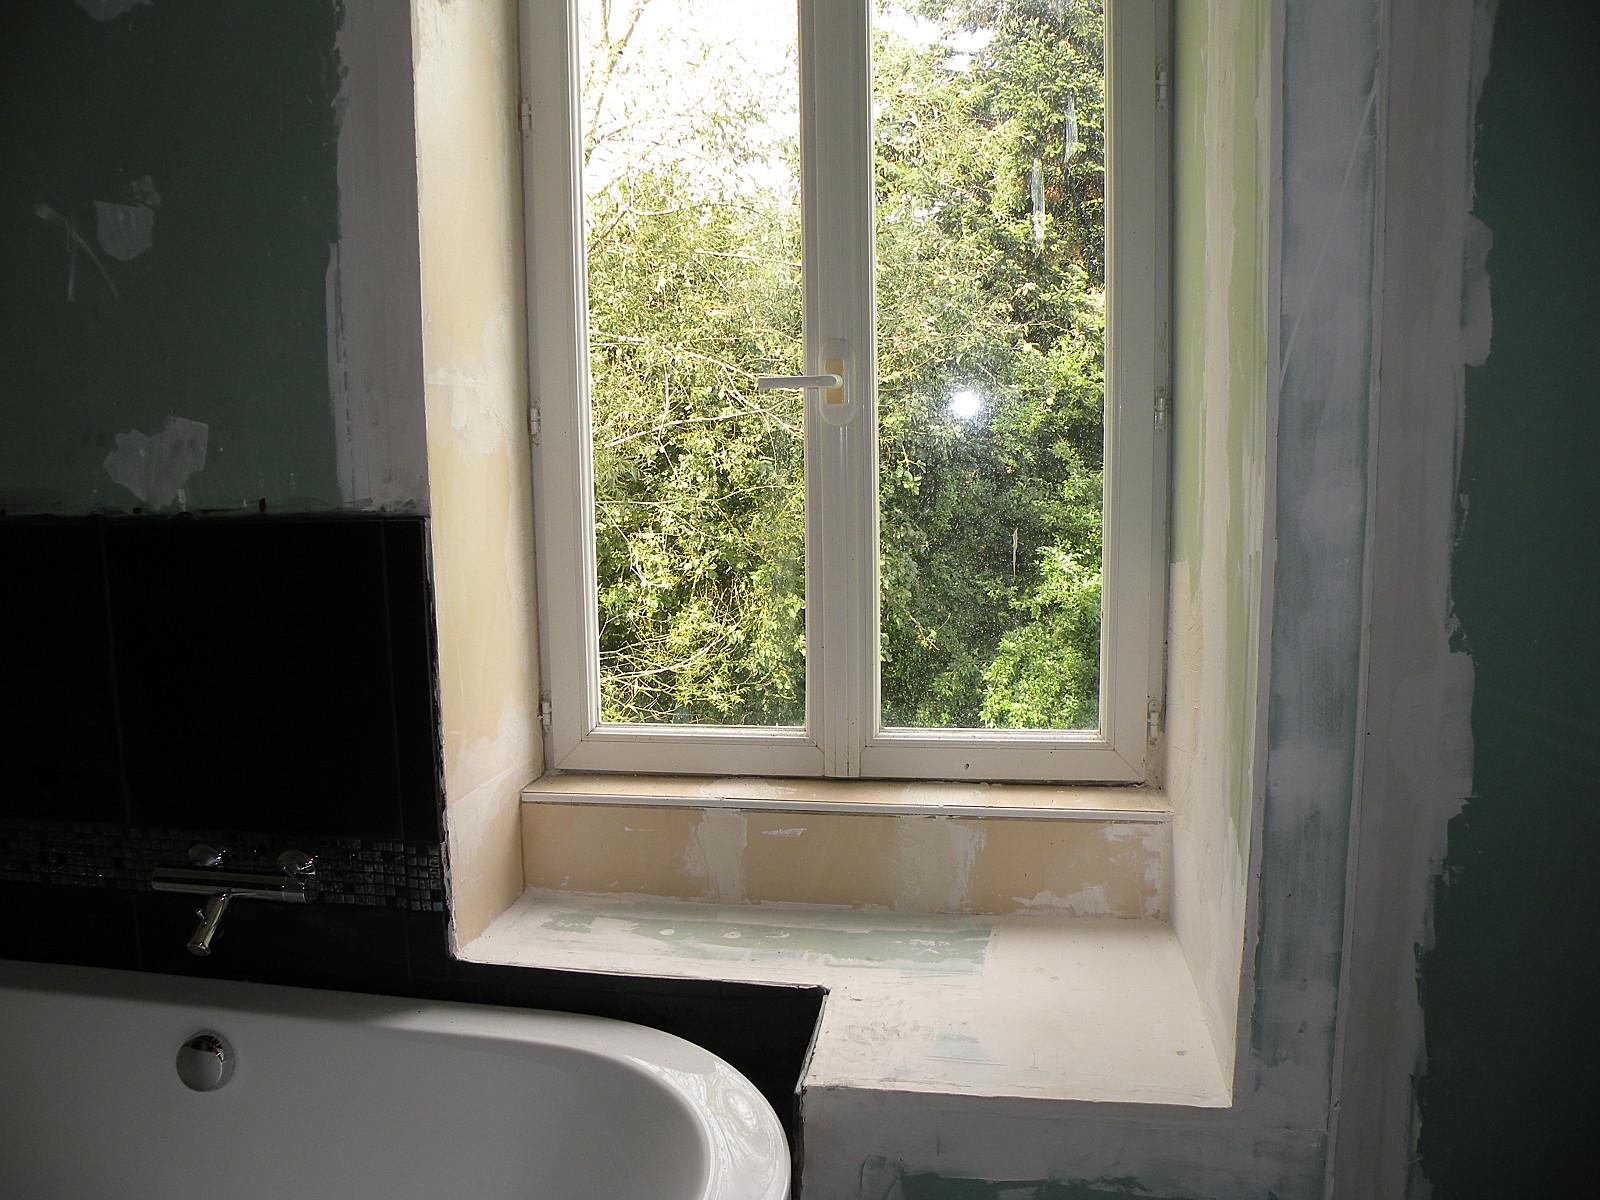 Fenetre Salle De Bain dans le rétro : les fenêtres de la salle de bain |